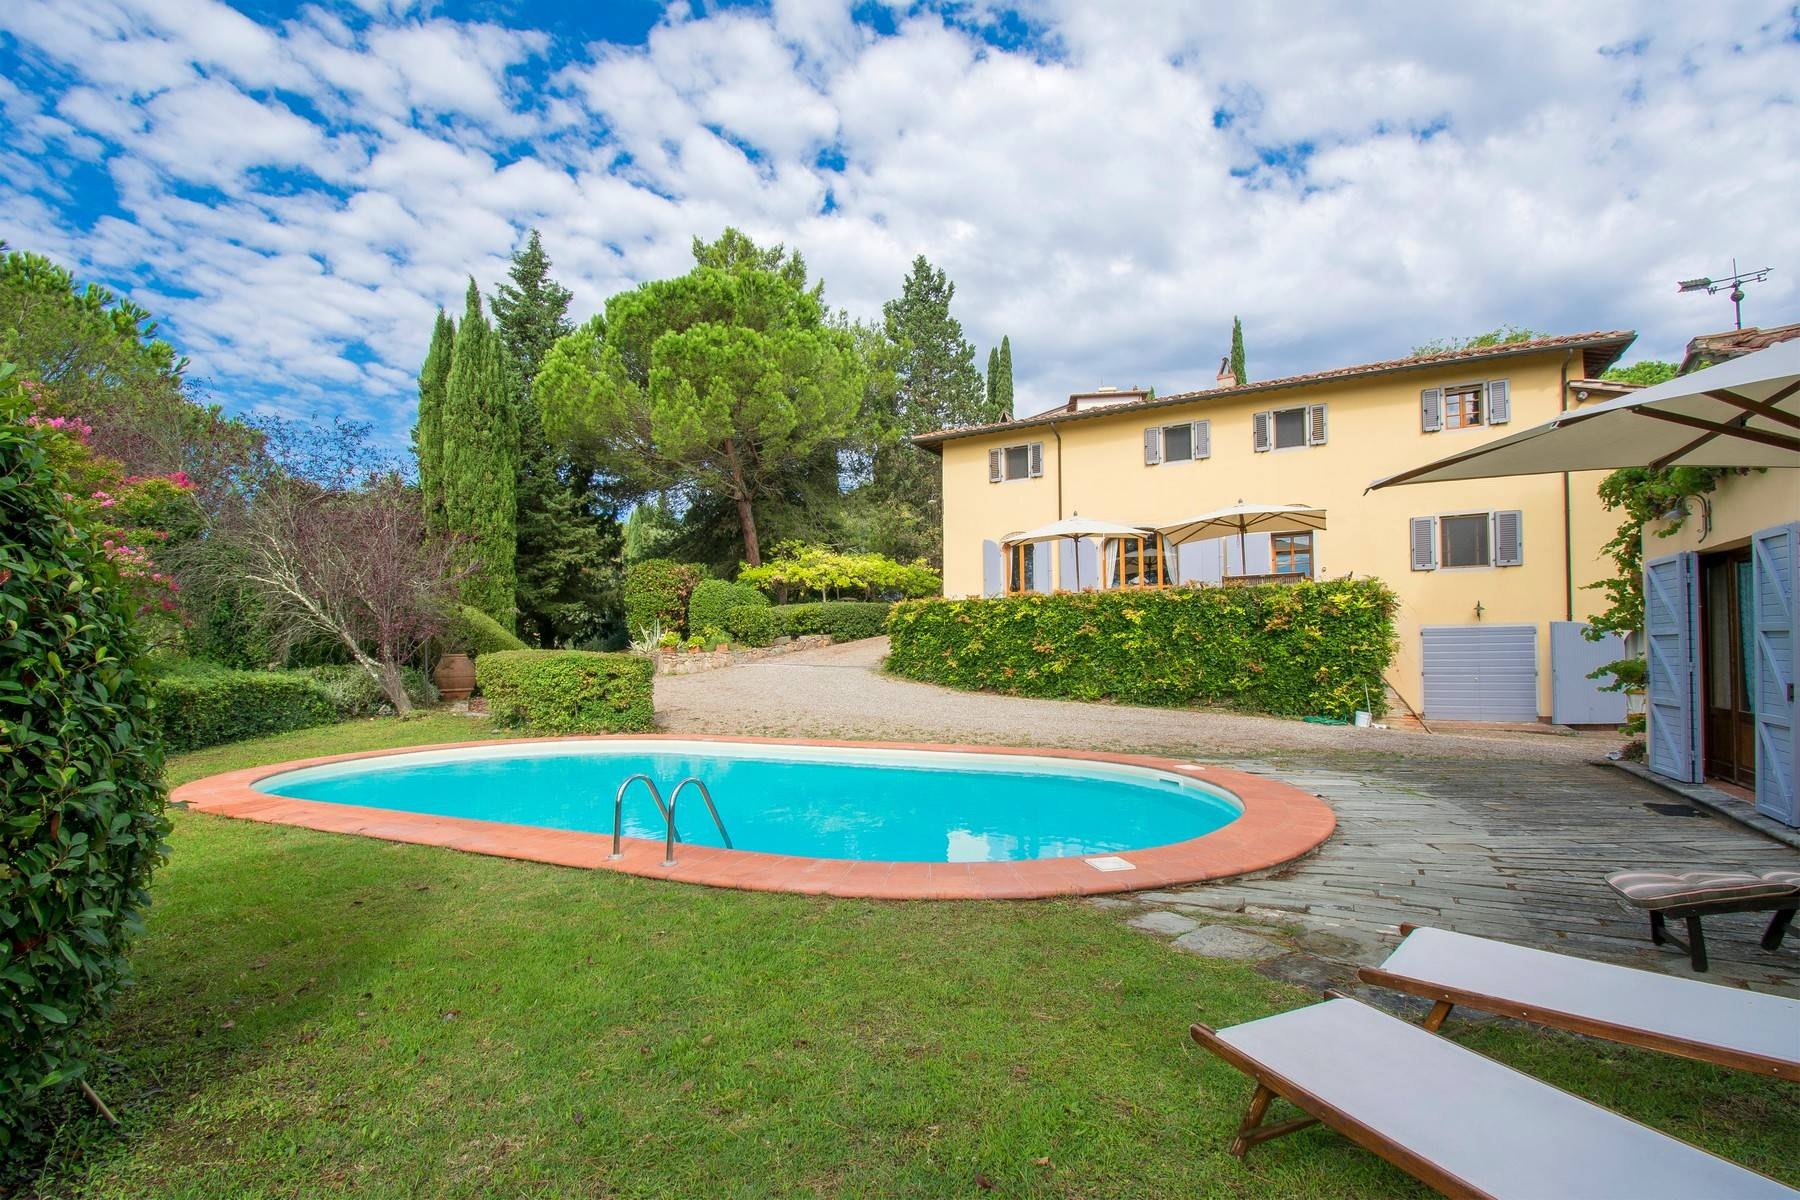 Villa in Vendita a Montopoli In Val D'Arno: 5 locali, 400 mq